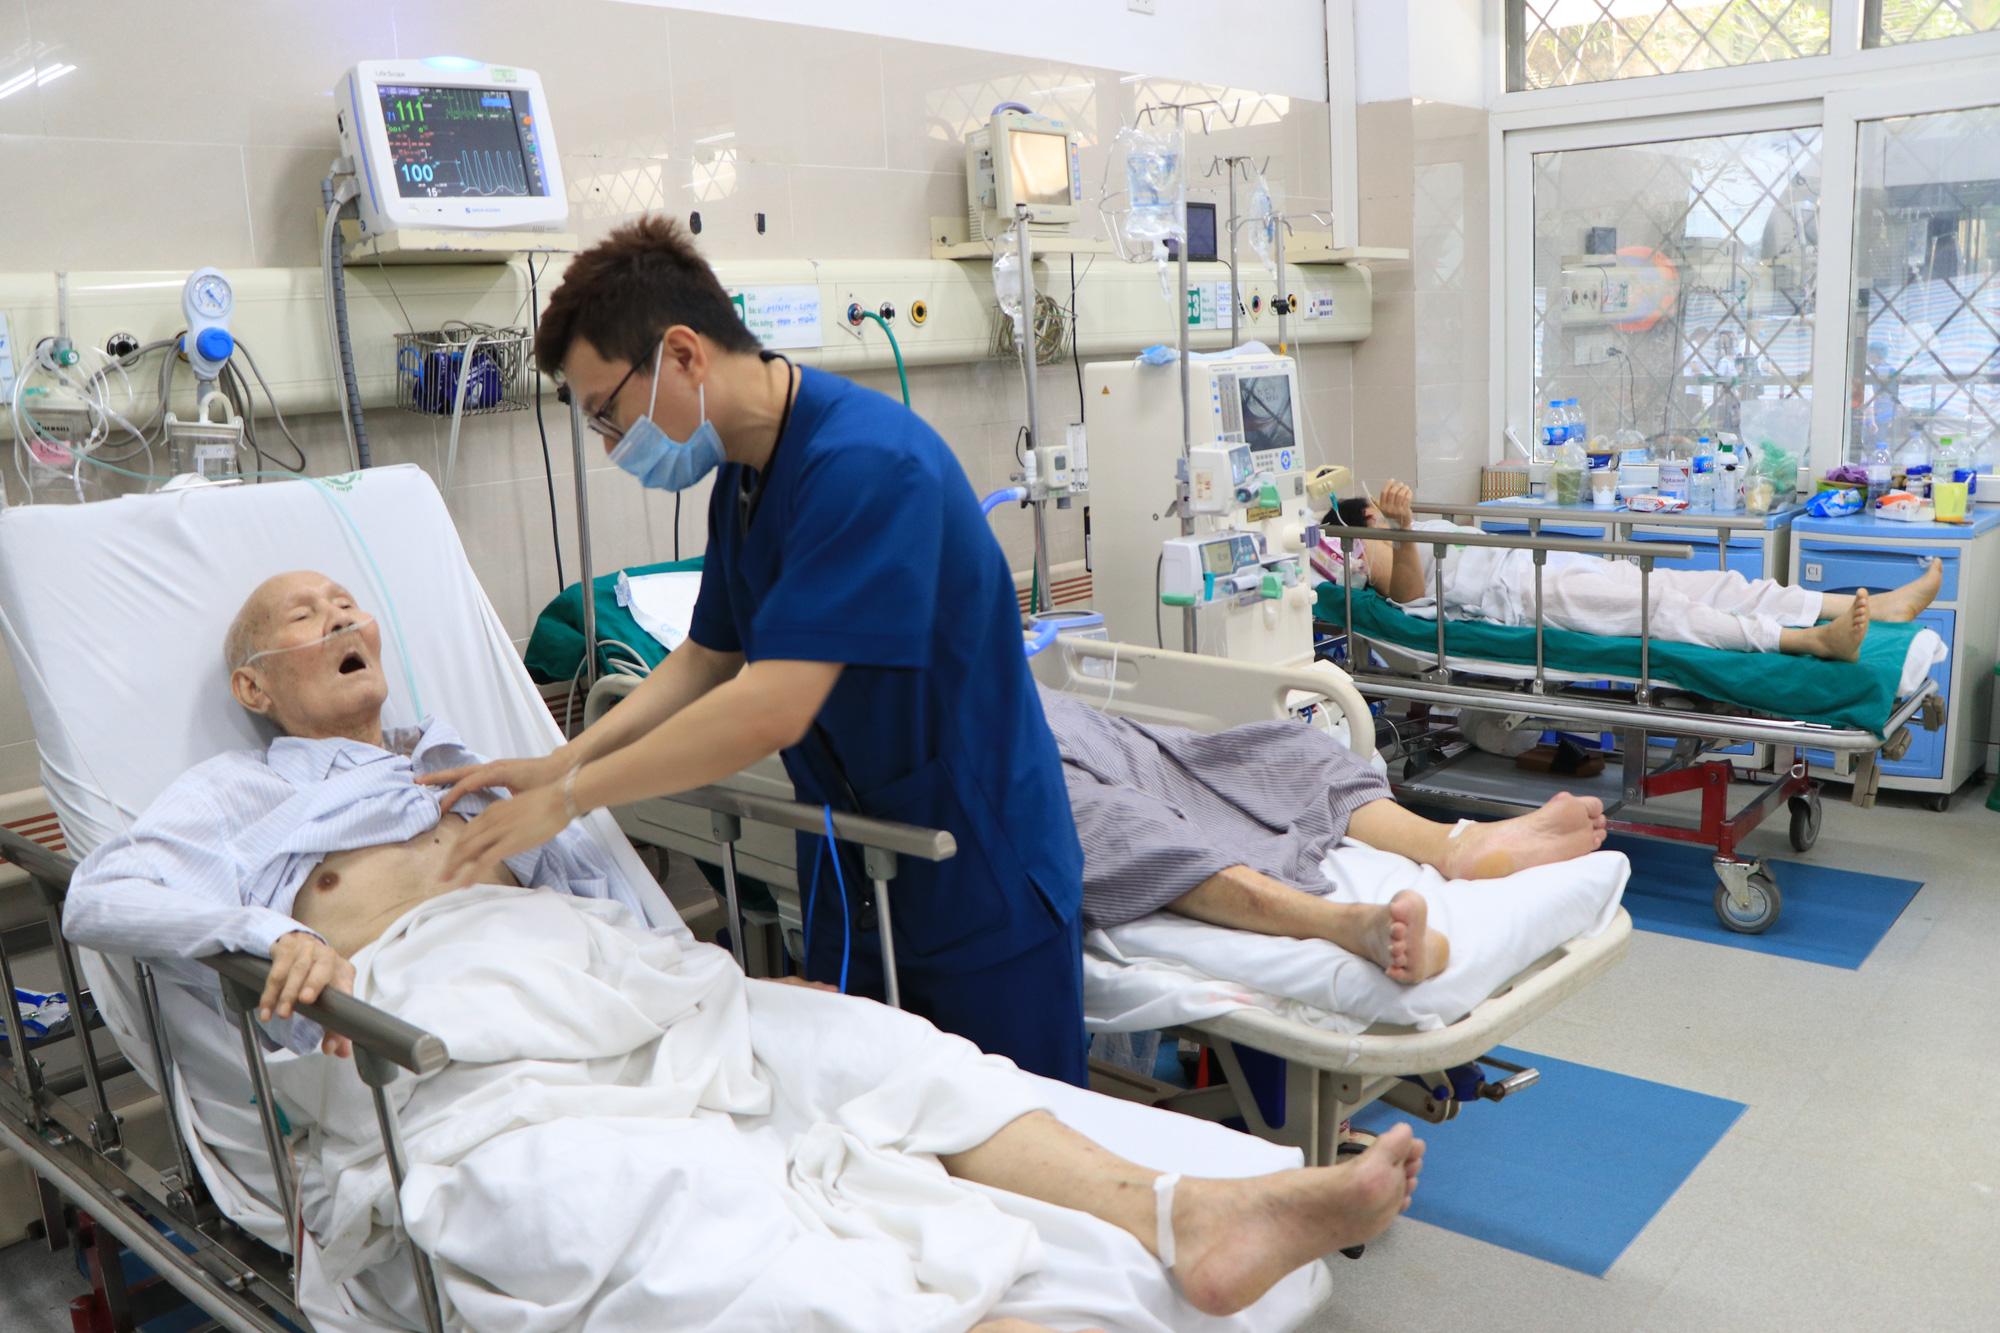 Vụ hơn 200 nhân viên y tế xin nghỉ việc, chuyển công tác: Bác sĩ, điều dưỡng BV Bạch Mai nói gì? - Ảnh 4.